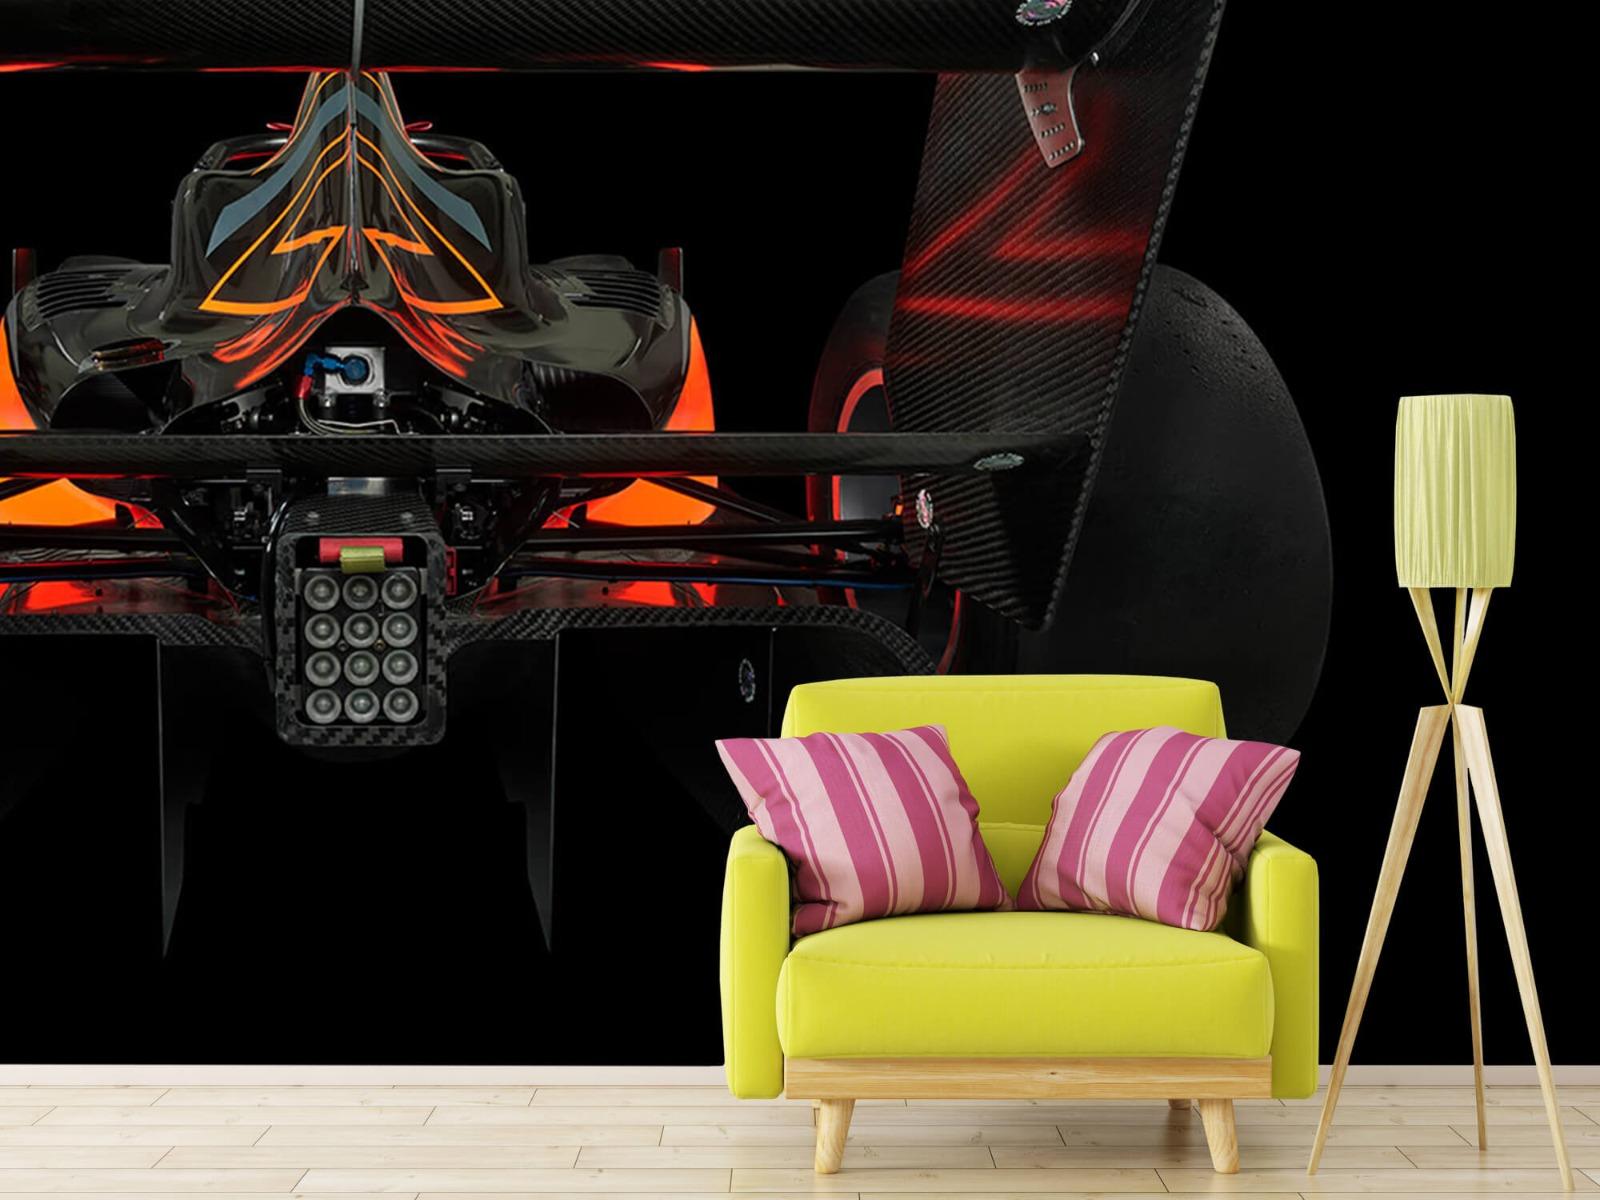 Sportauto's - Formule 3 - Lower rear view - dark - Garage 4